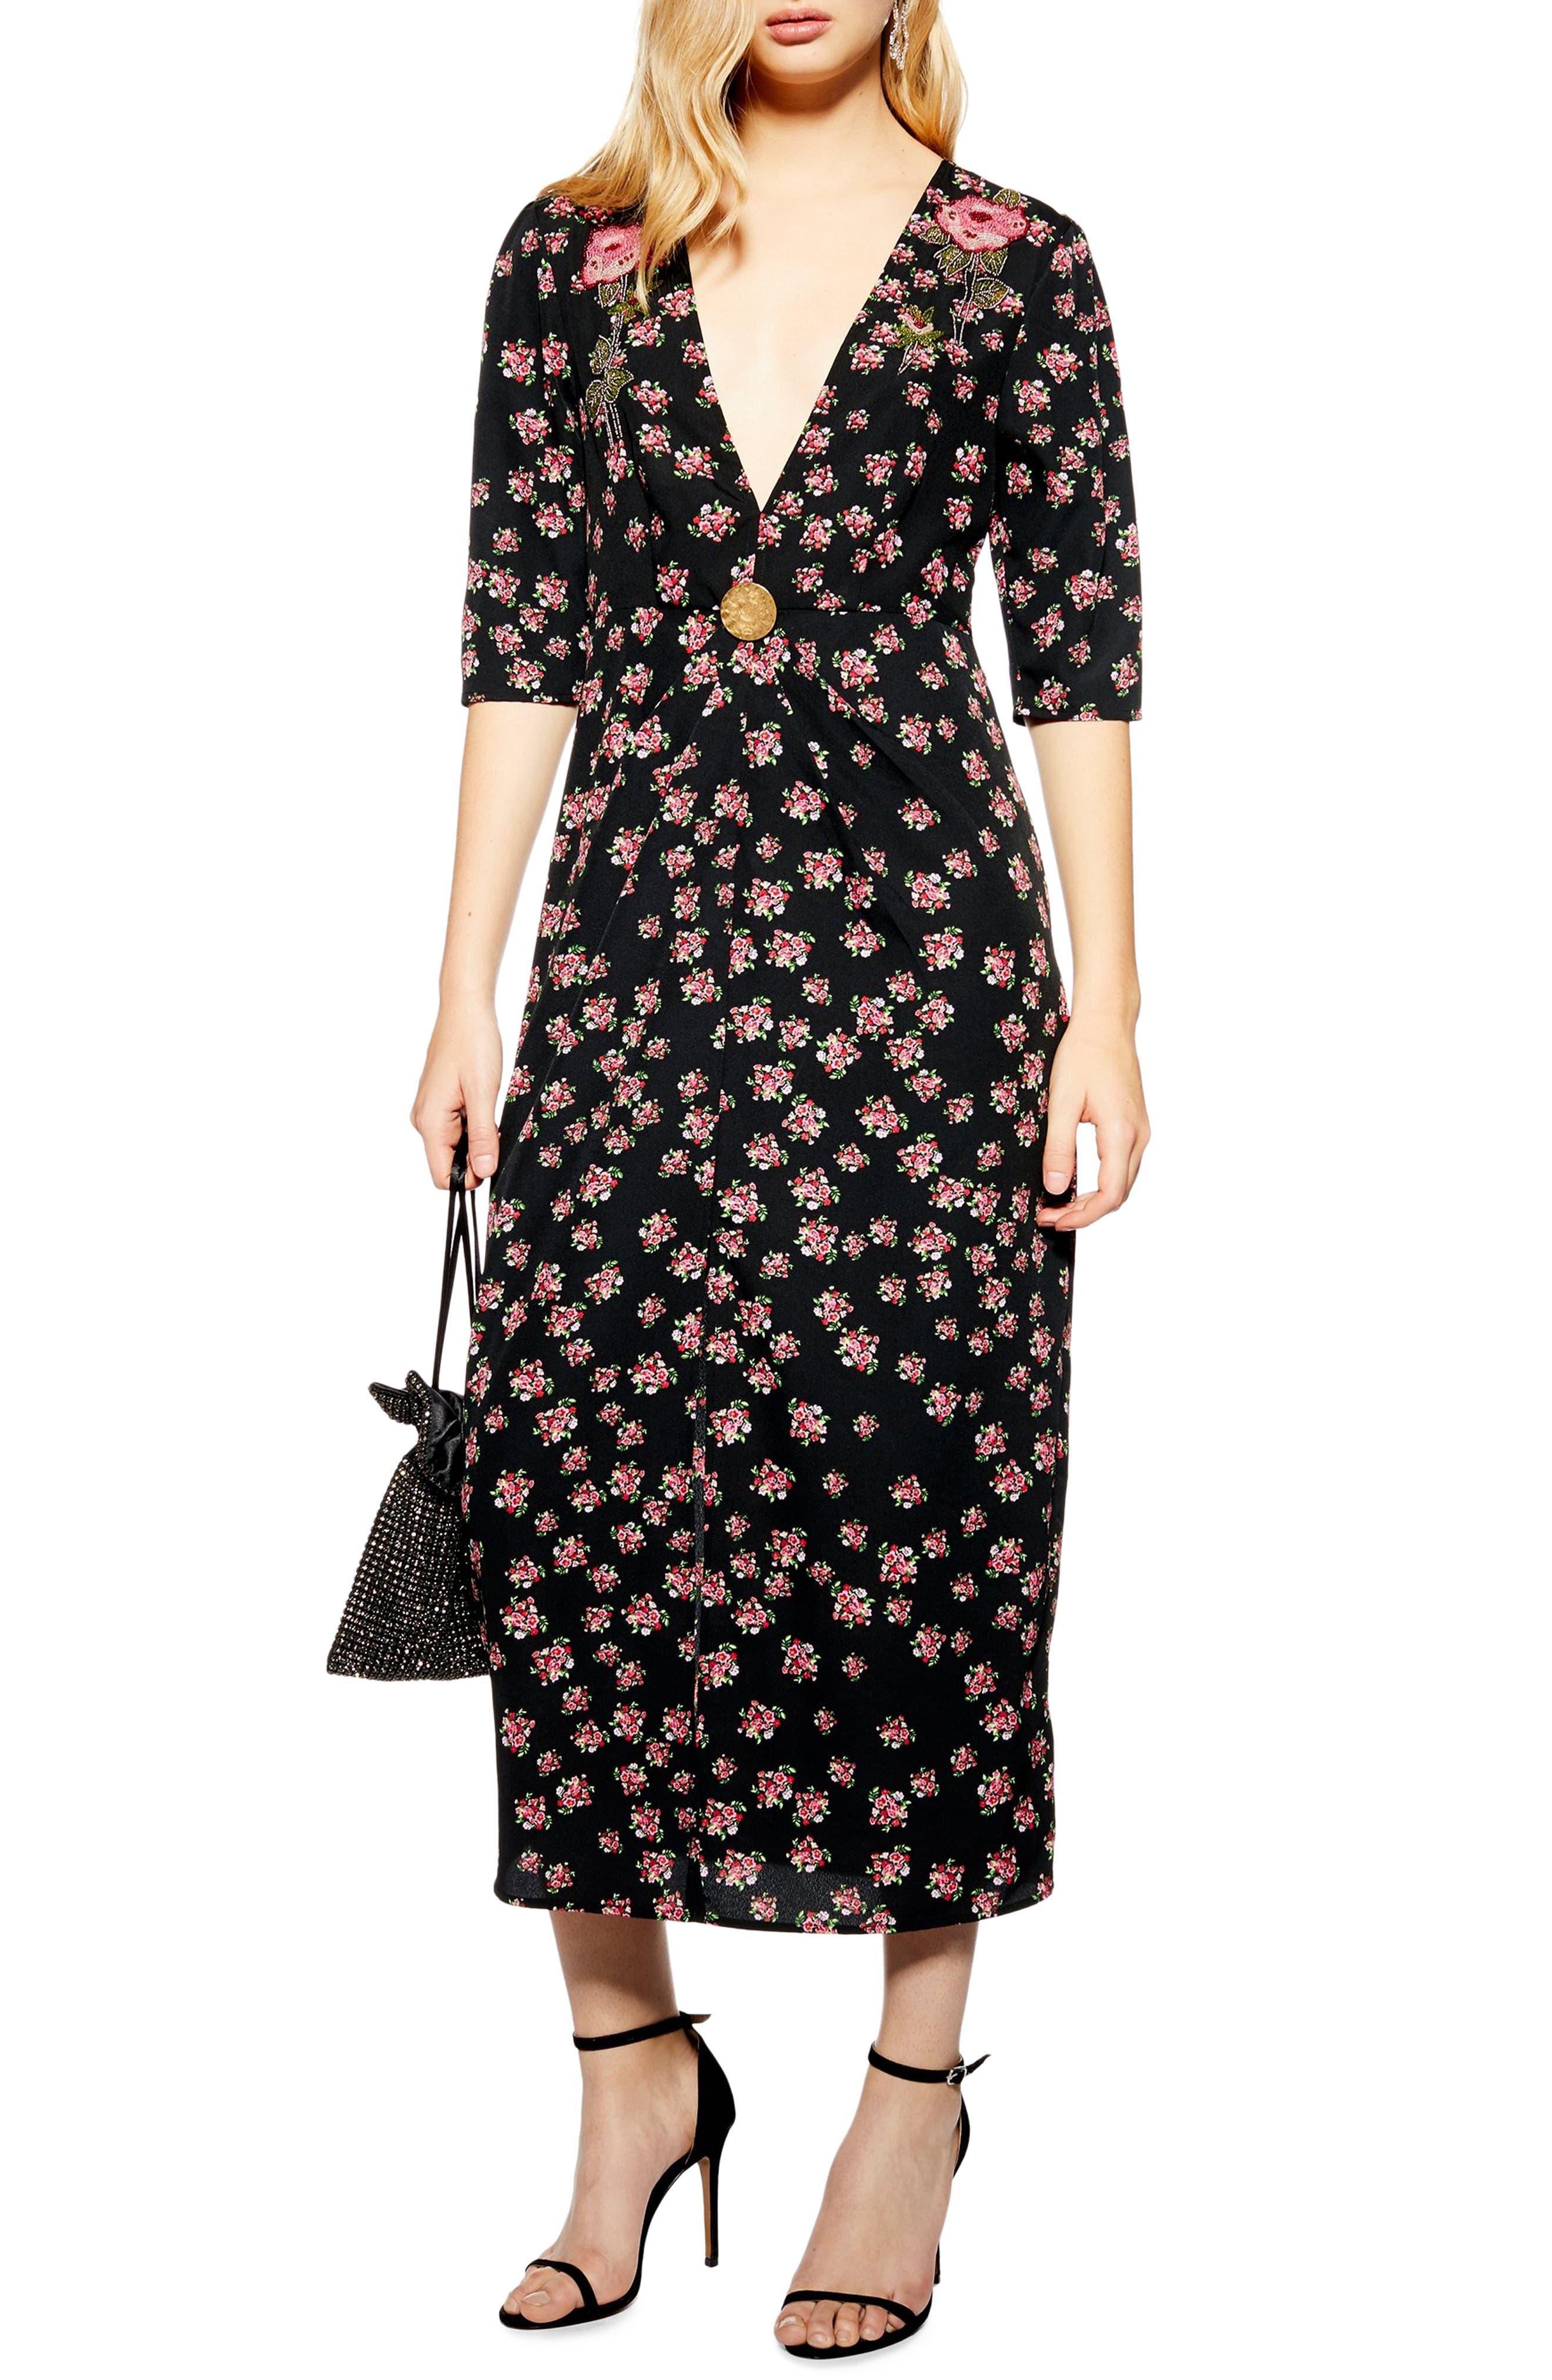 Topshop Embellished Floral Midi Dress, US (fits like 0) - Black